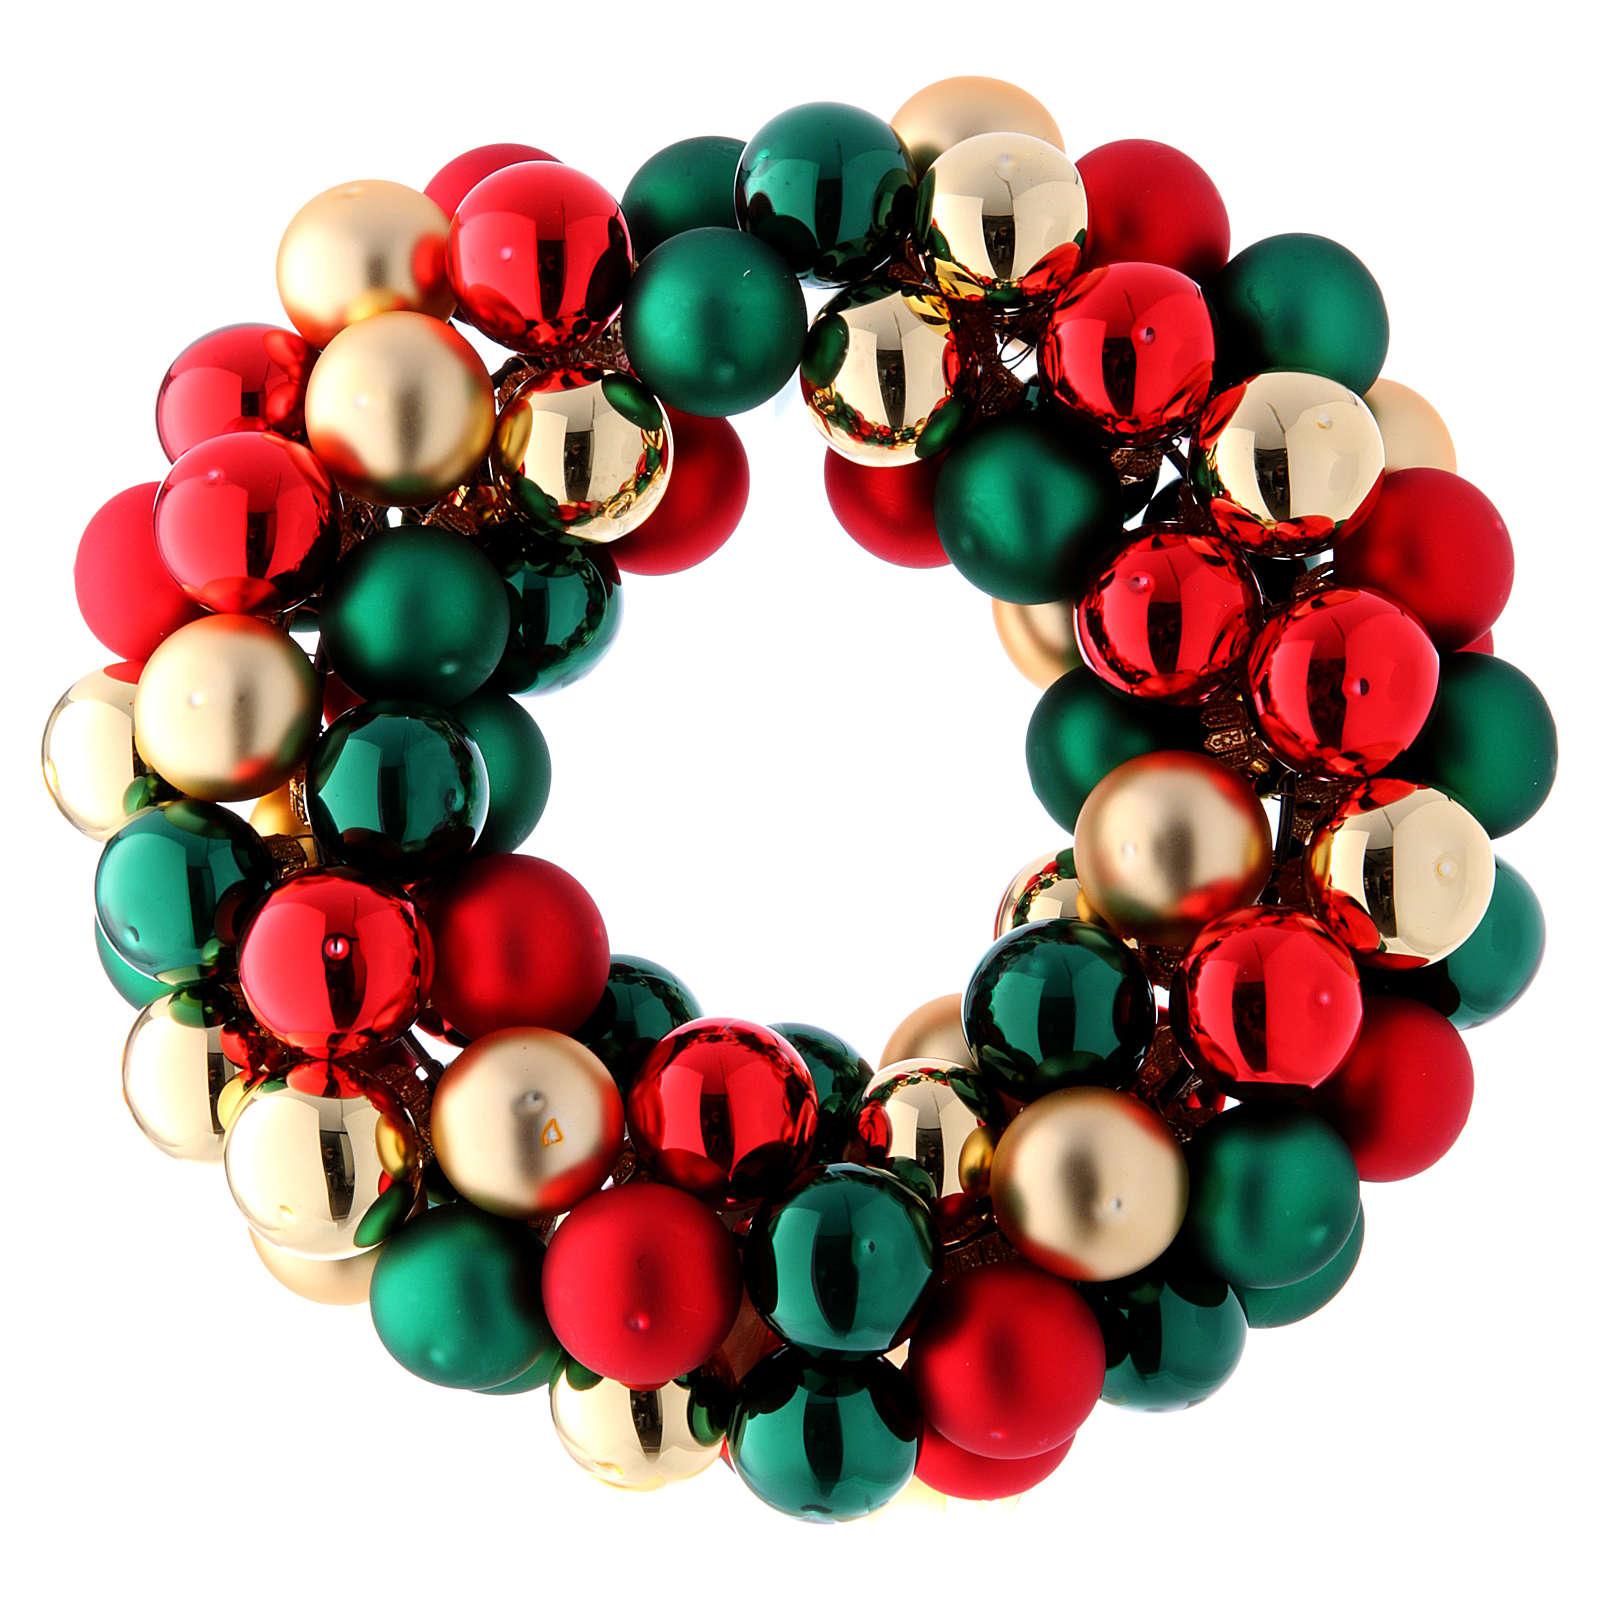 Kranz Aus Weihnachtskugeln.Kranz Aus Weihnachtskugeln In Den Farben Rot Grun Und Gold 30 Cm